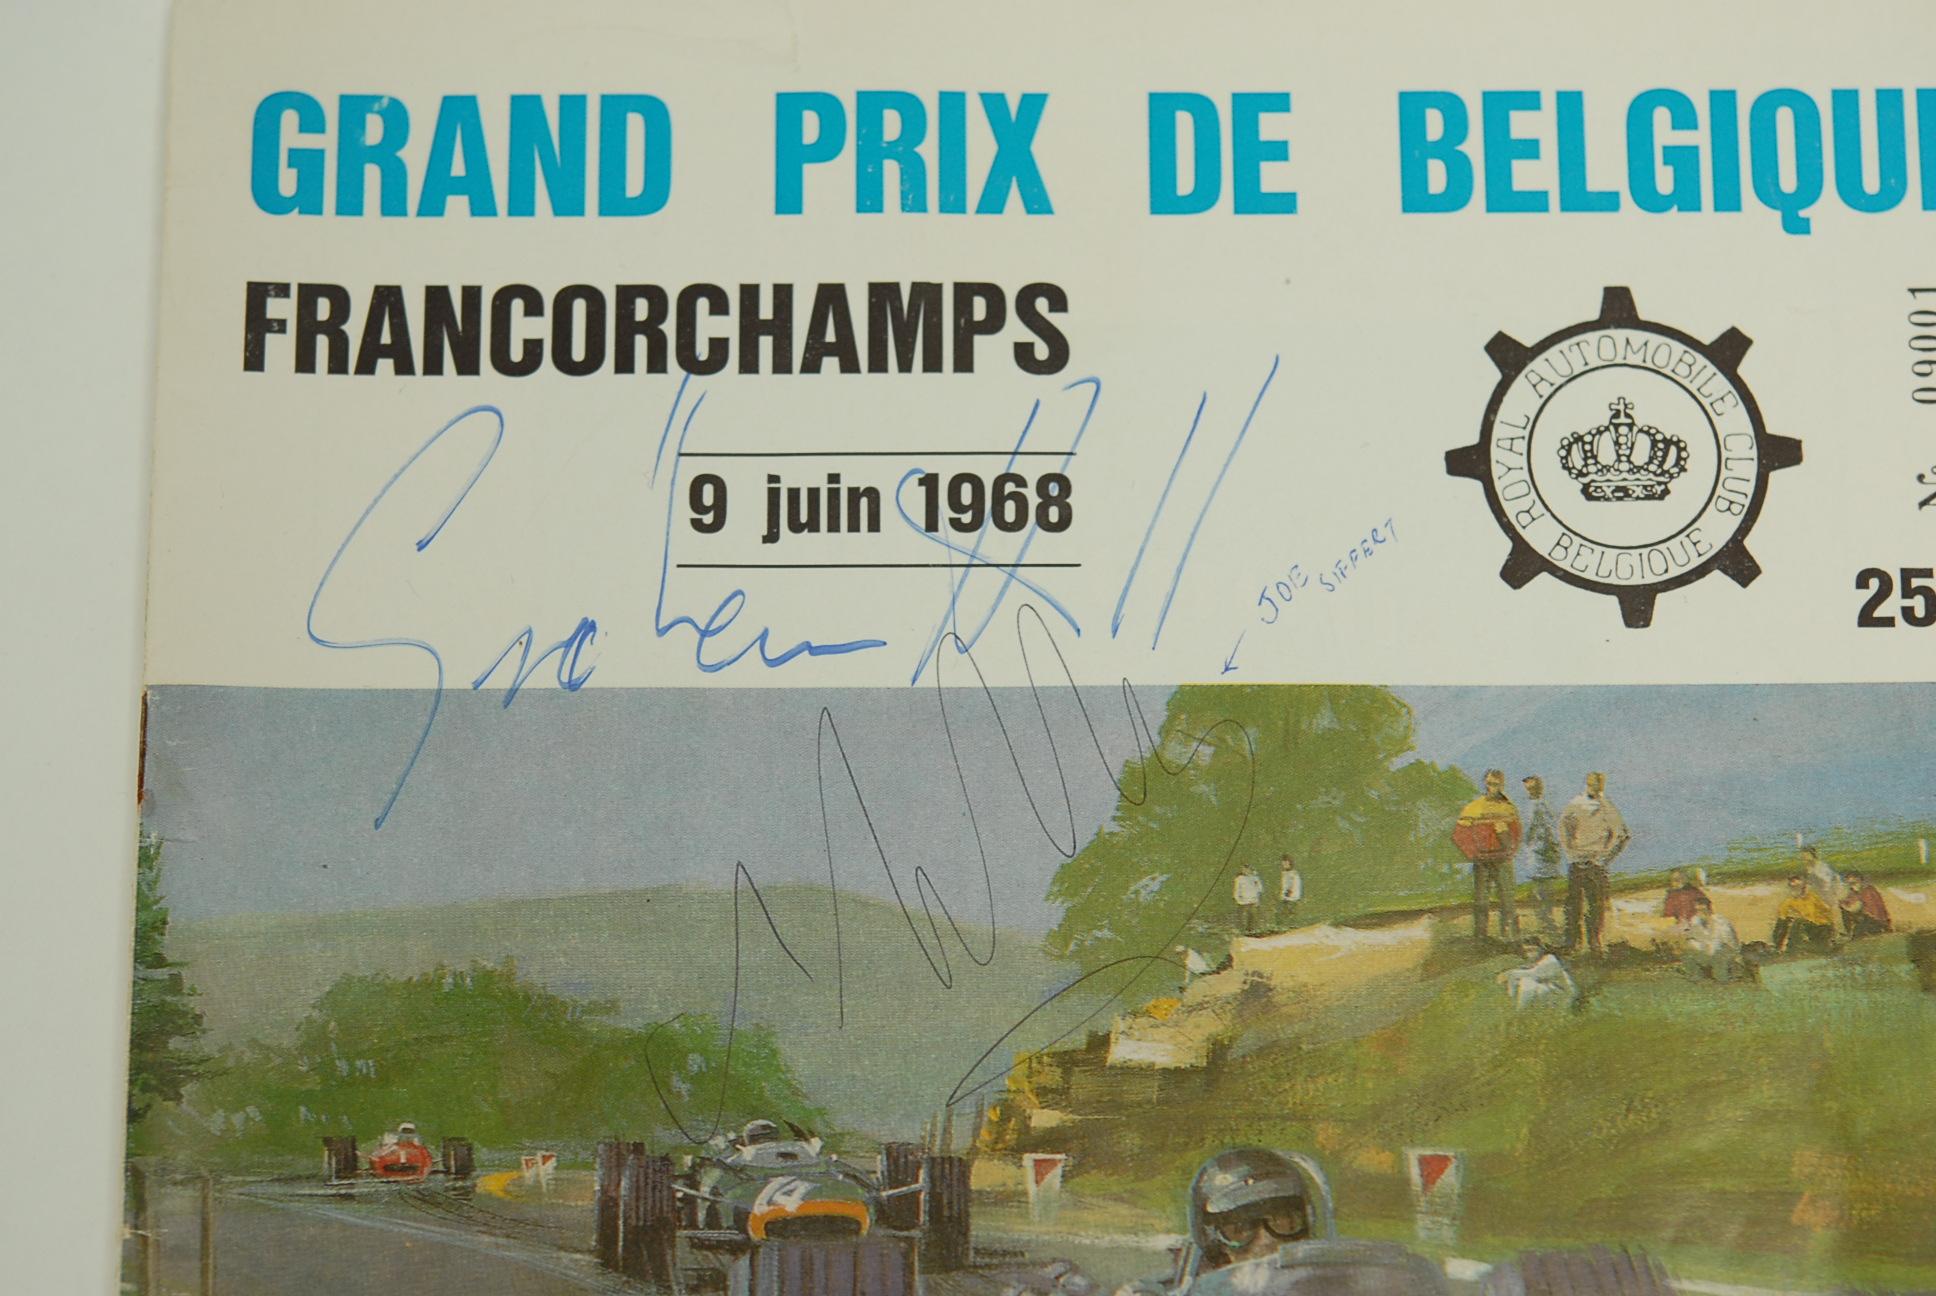 Grand Prix de Belgique 1968